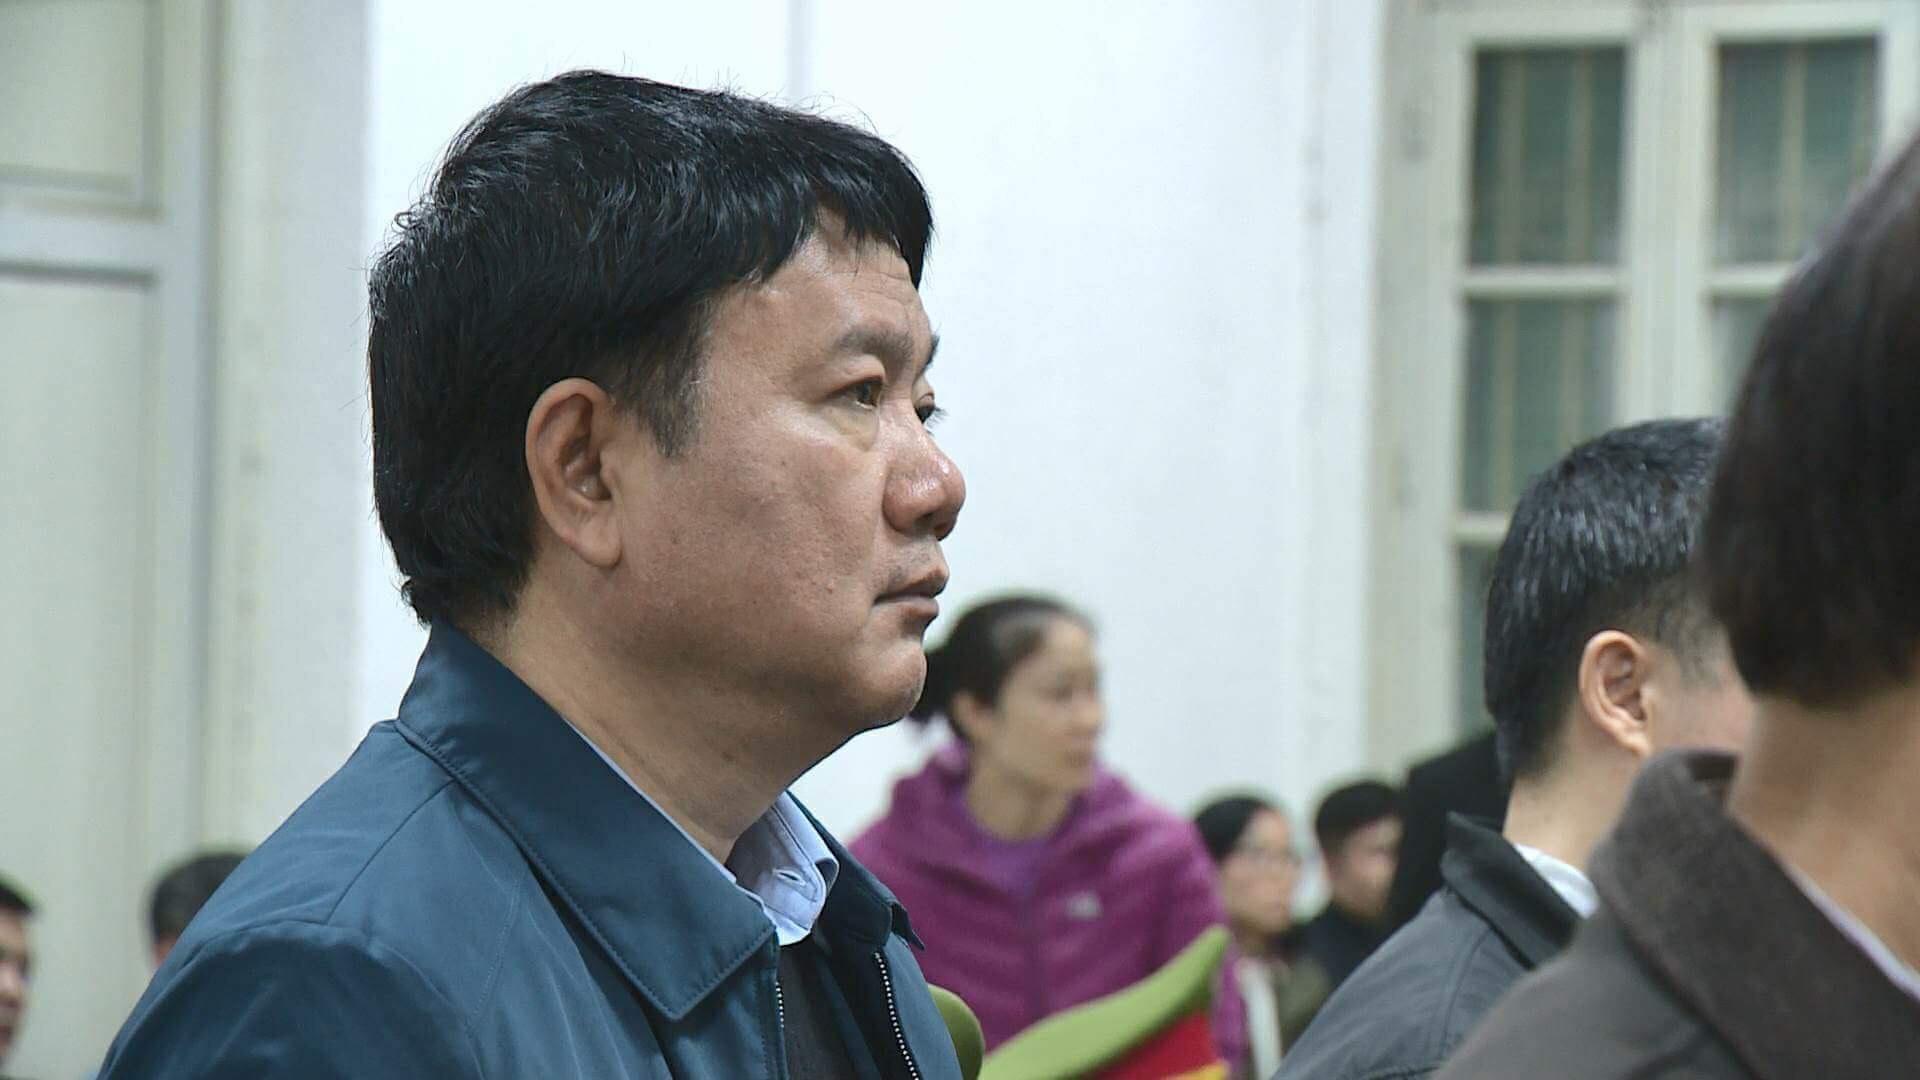 Cấp dưới của ông Đinh La Thăng khai gì trước tòa? - 1